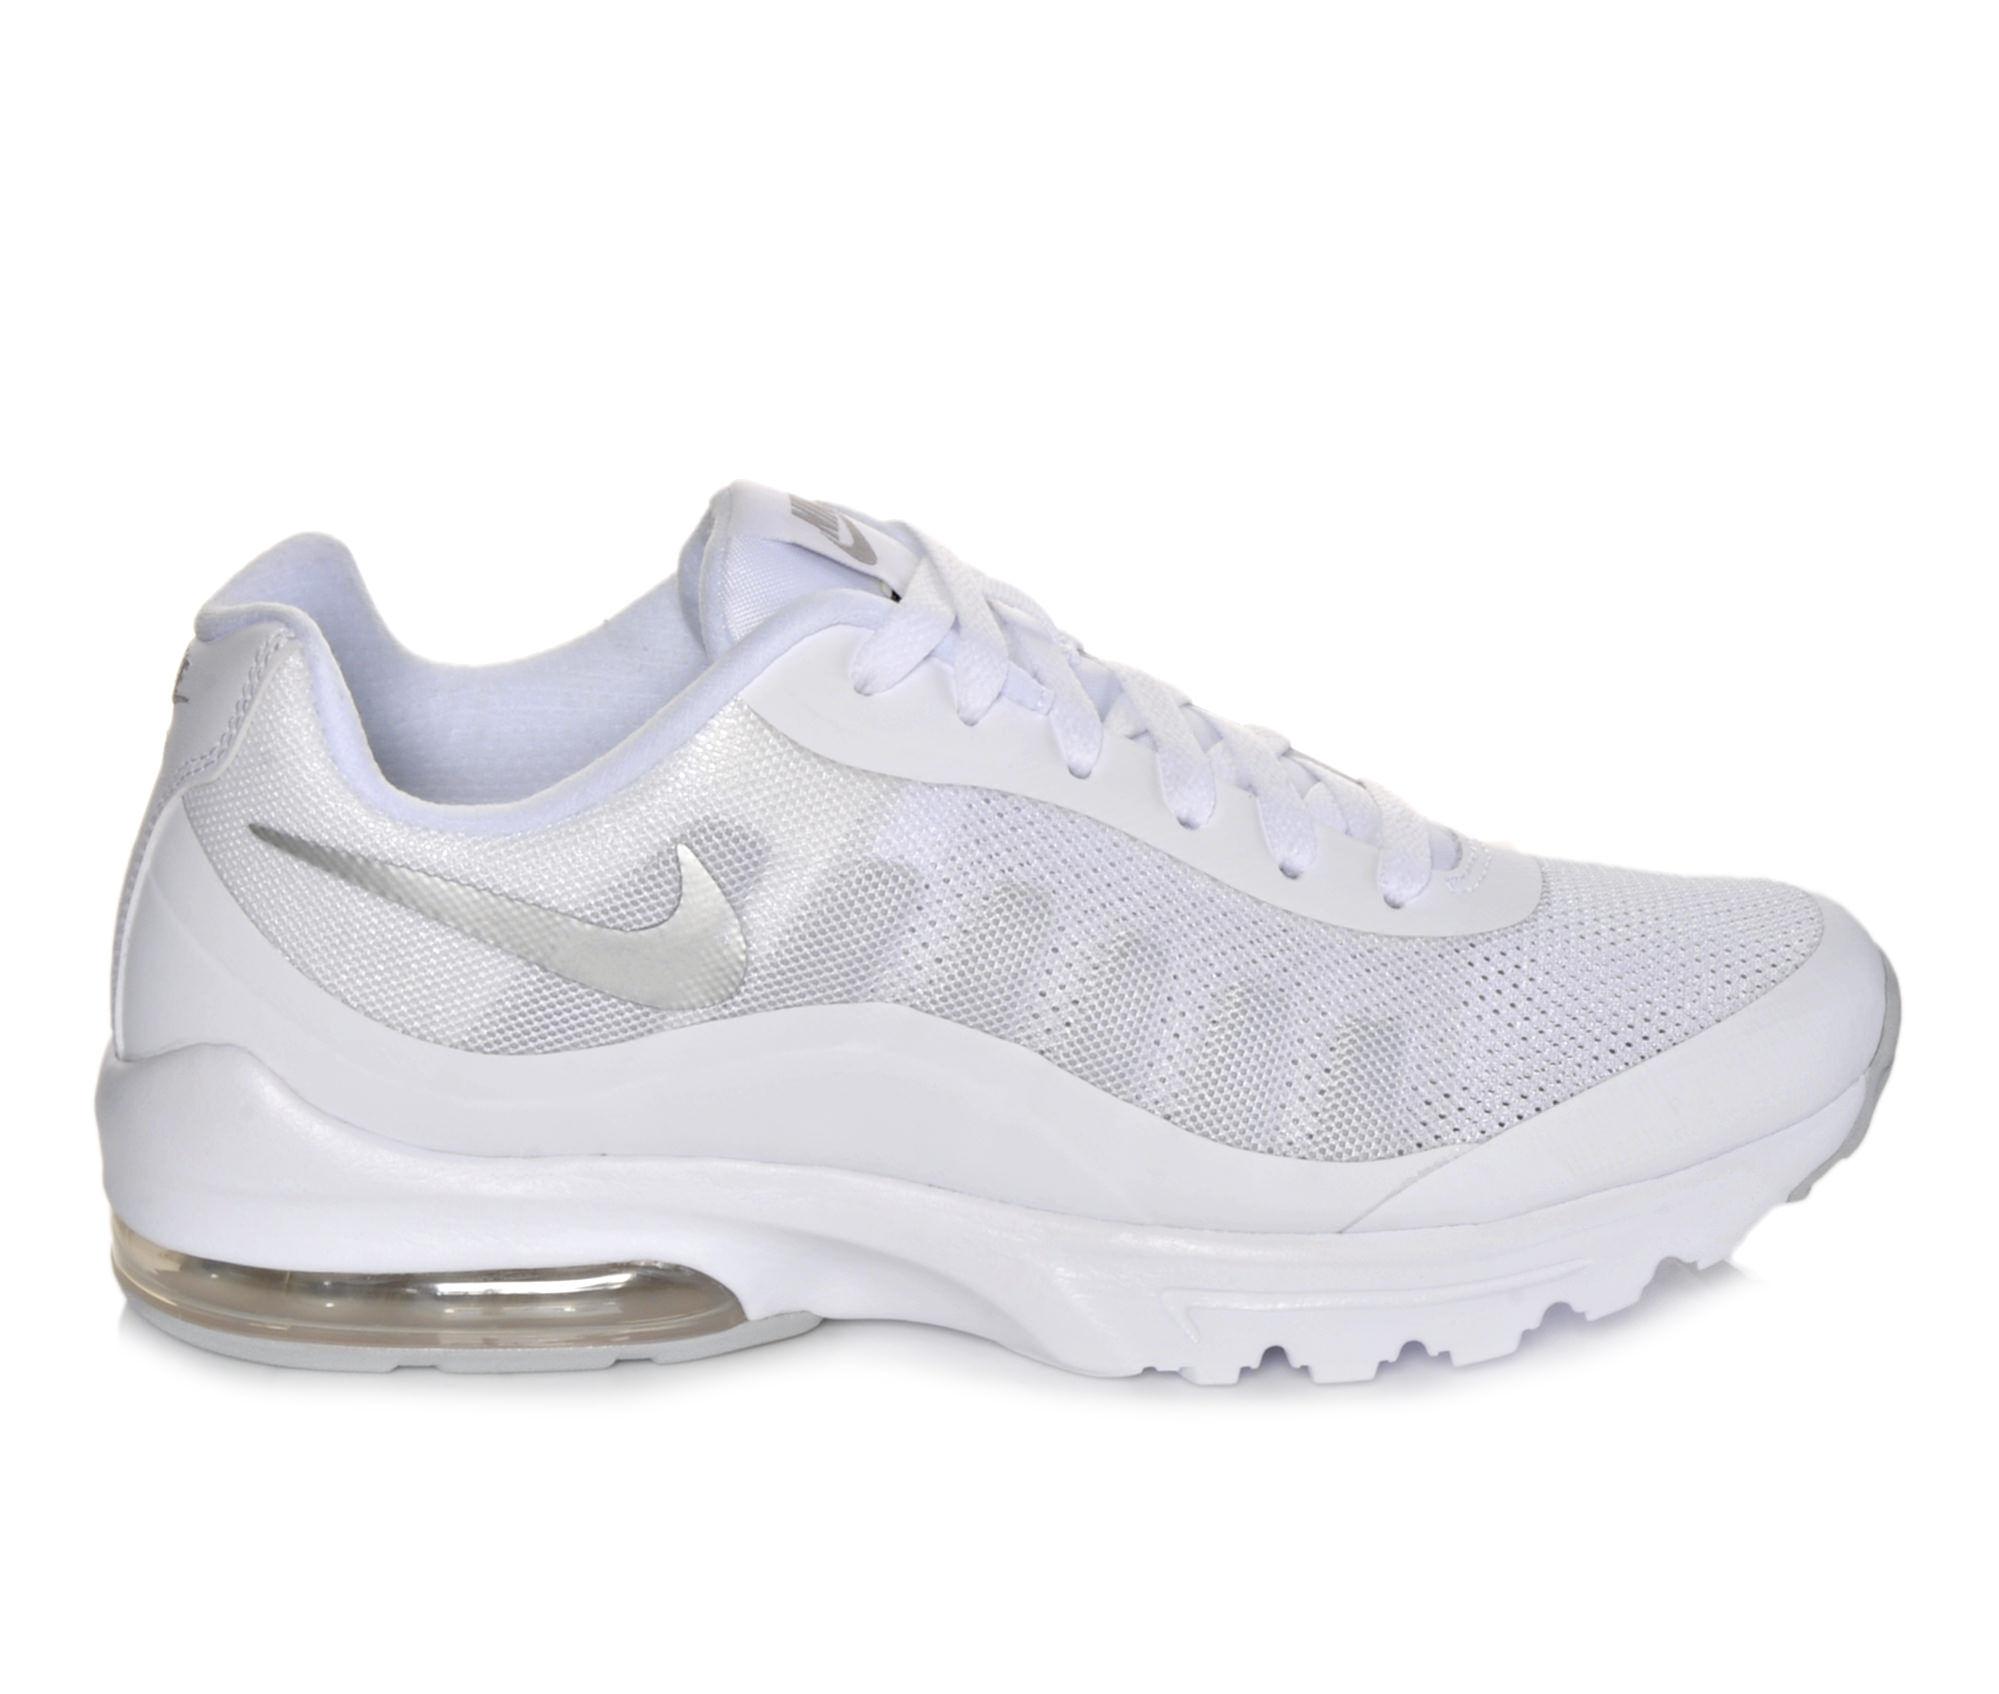 Nike Air Chaussures Carnaval Max Thea